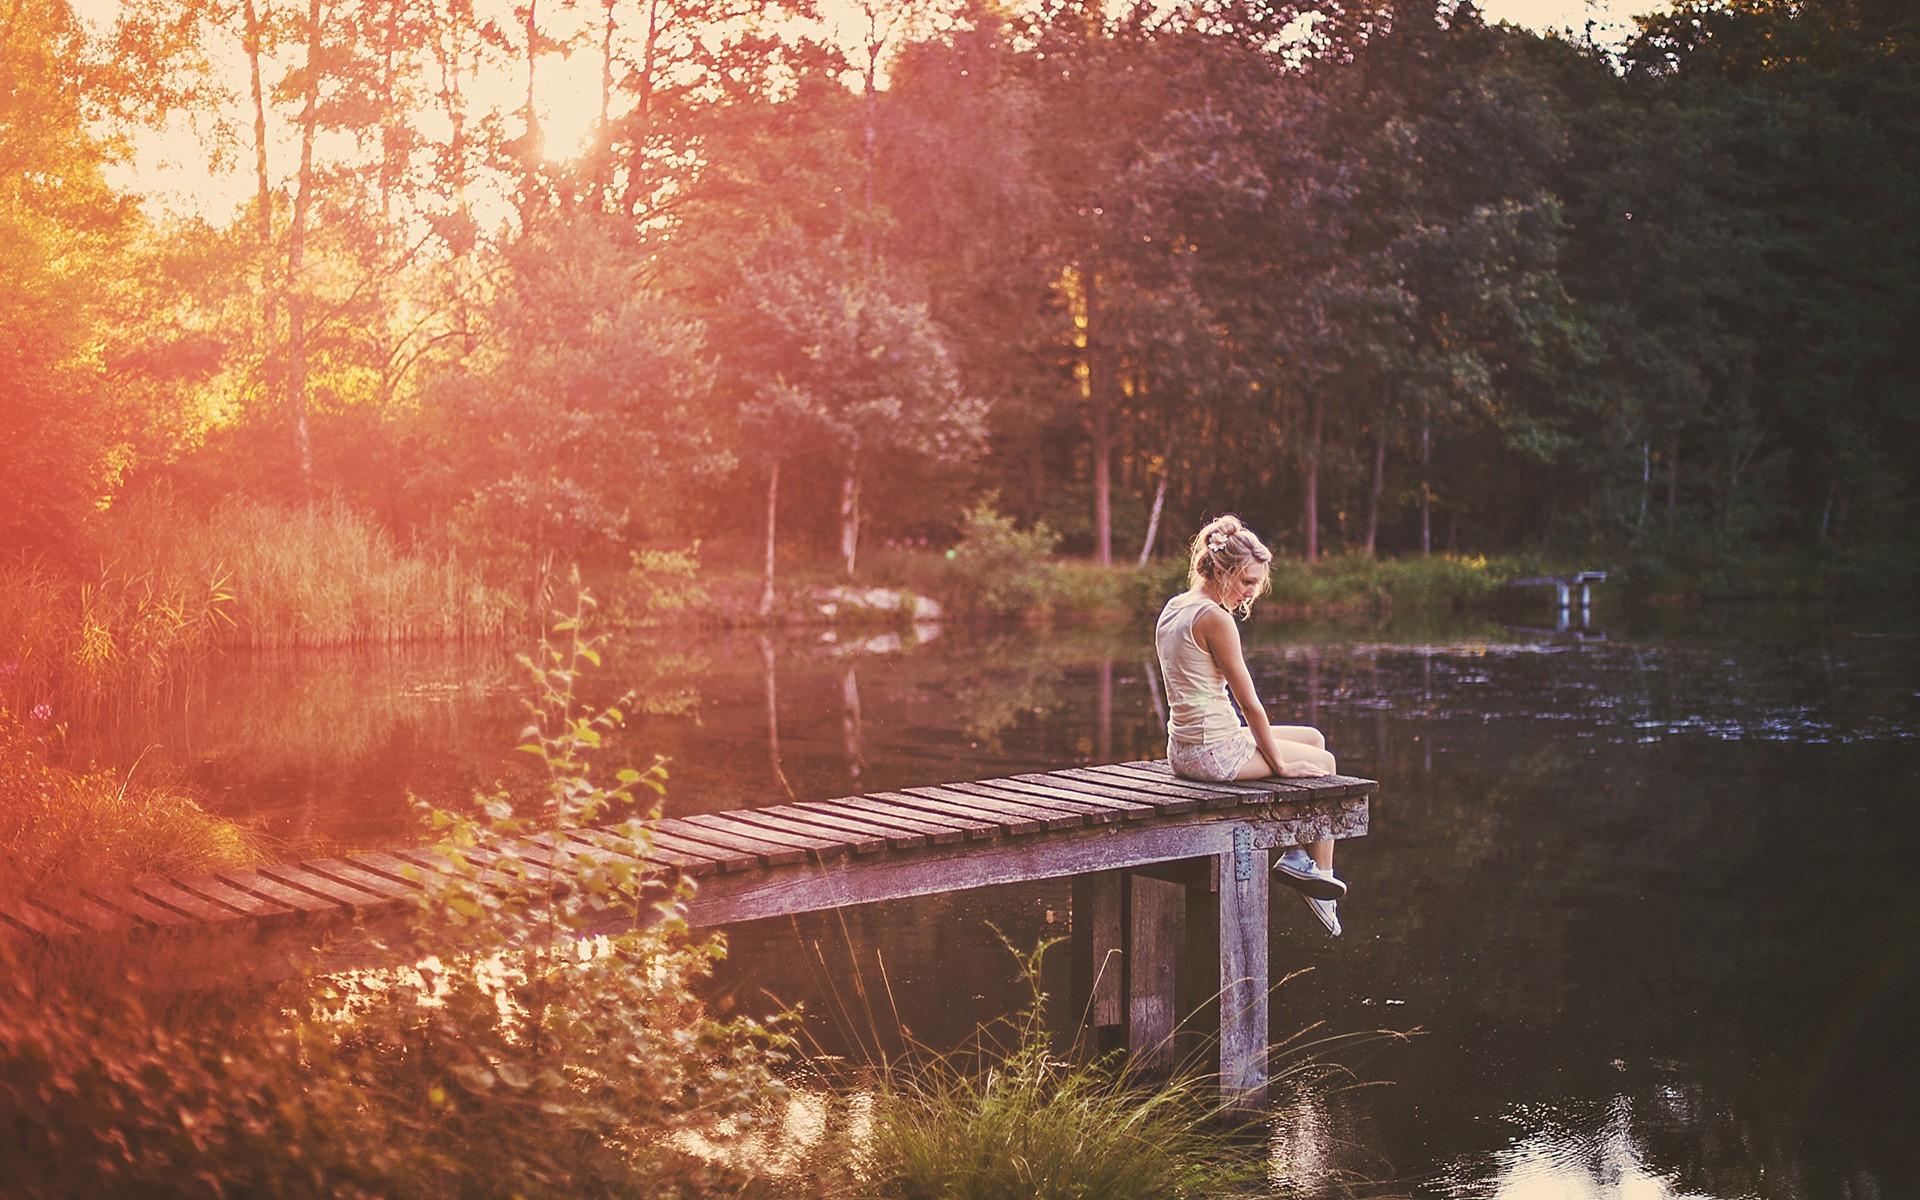 Wallpaper : sunlight, trees, women outdoors, long hair